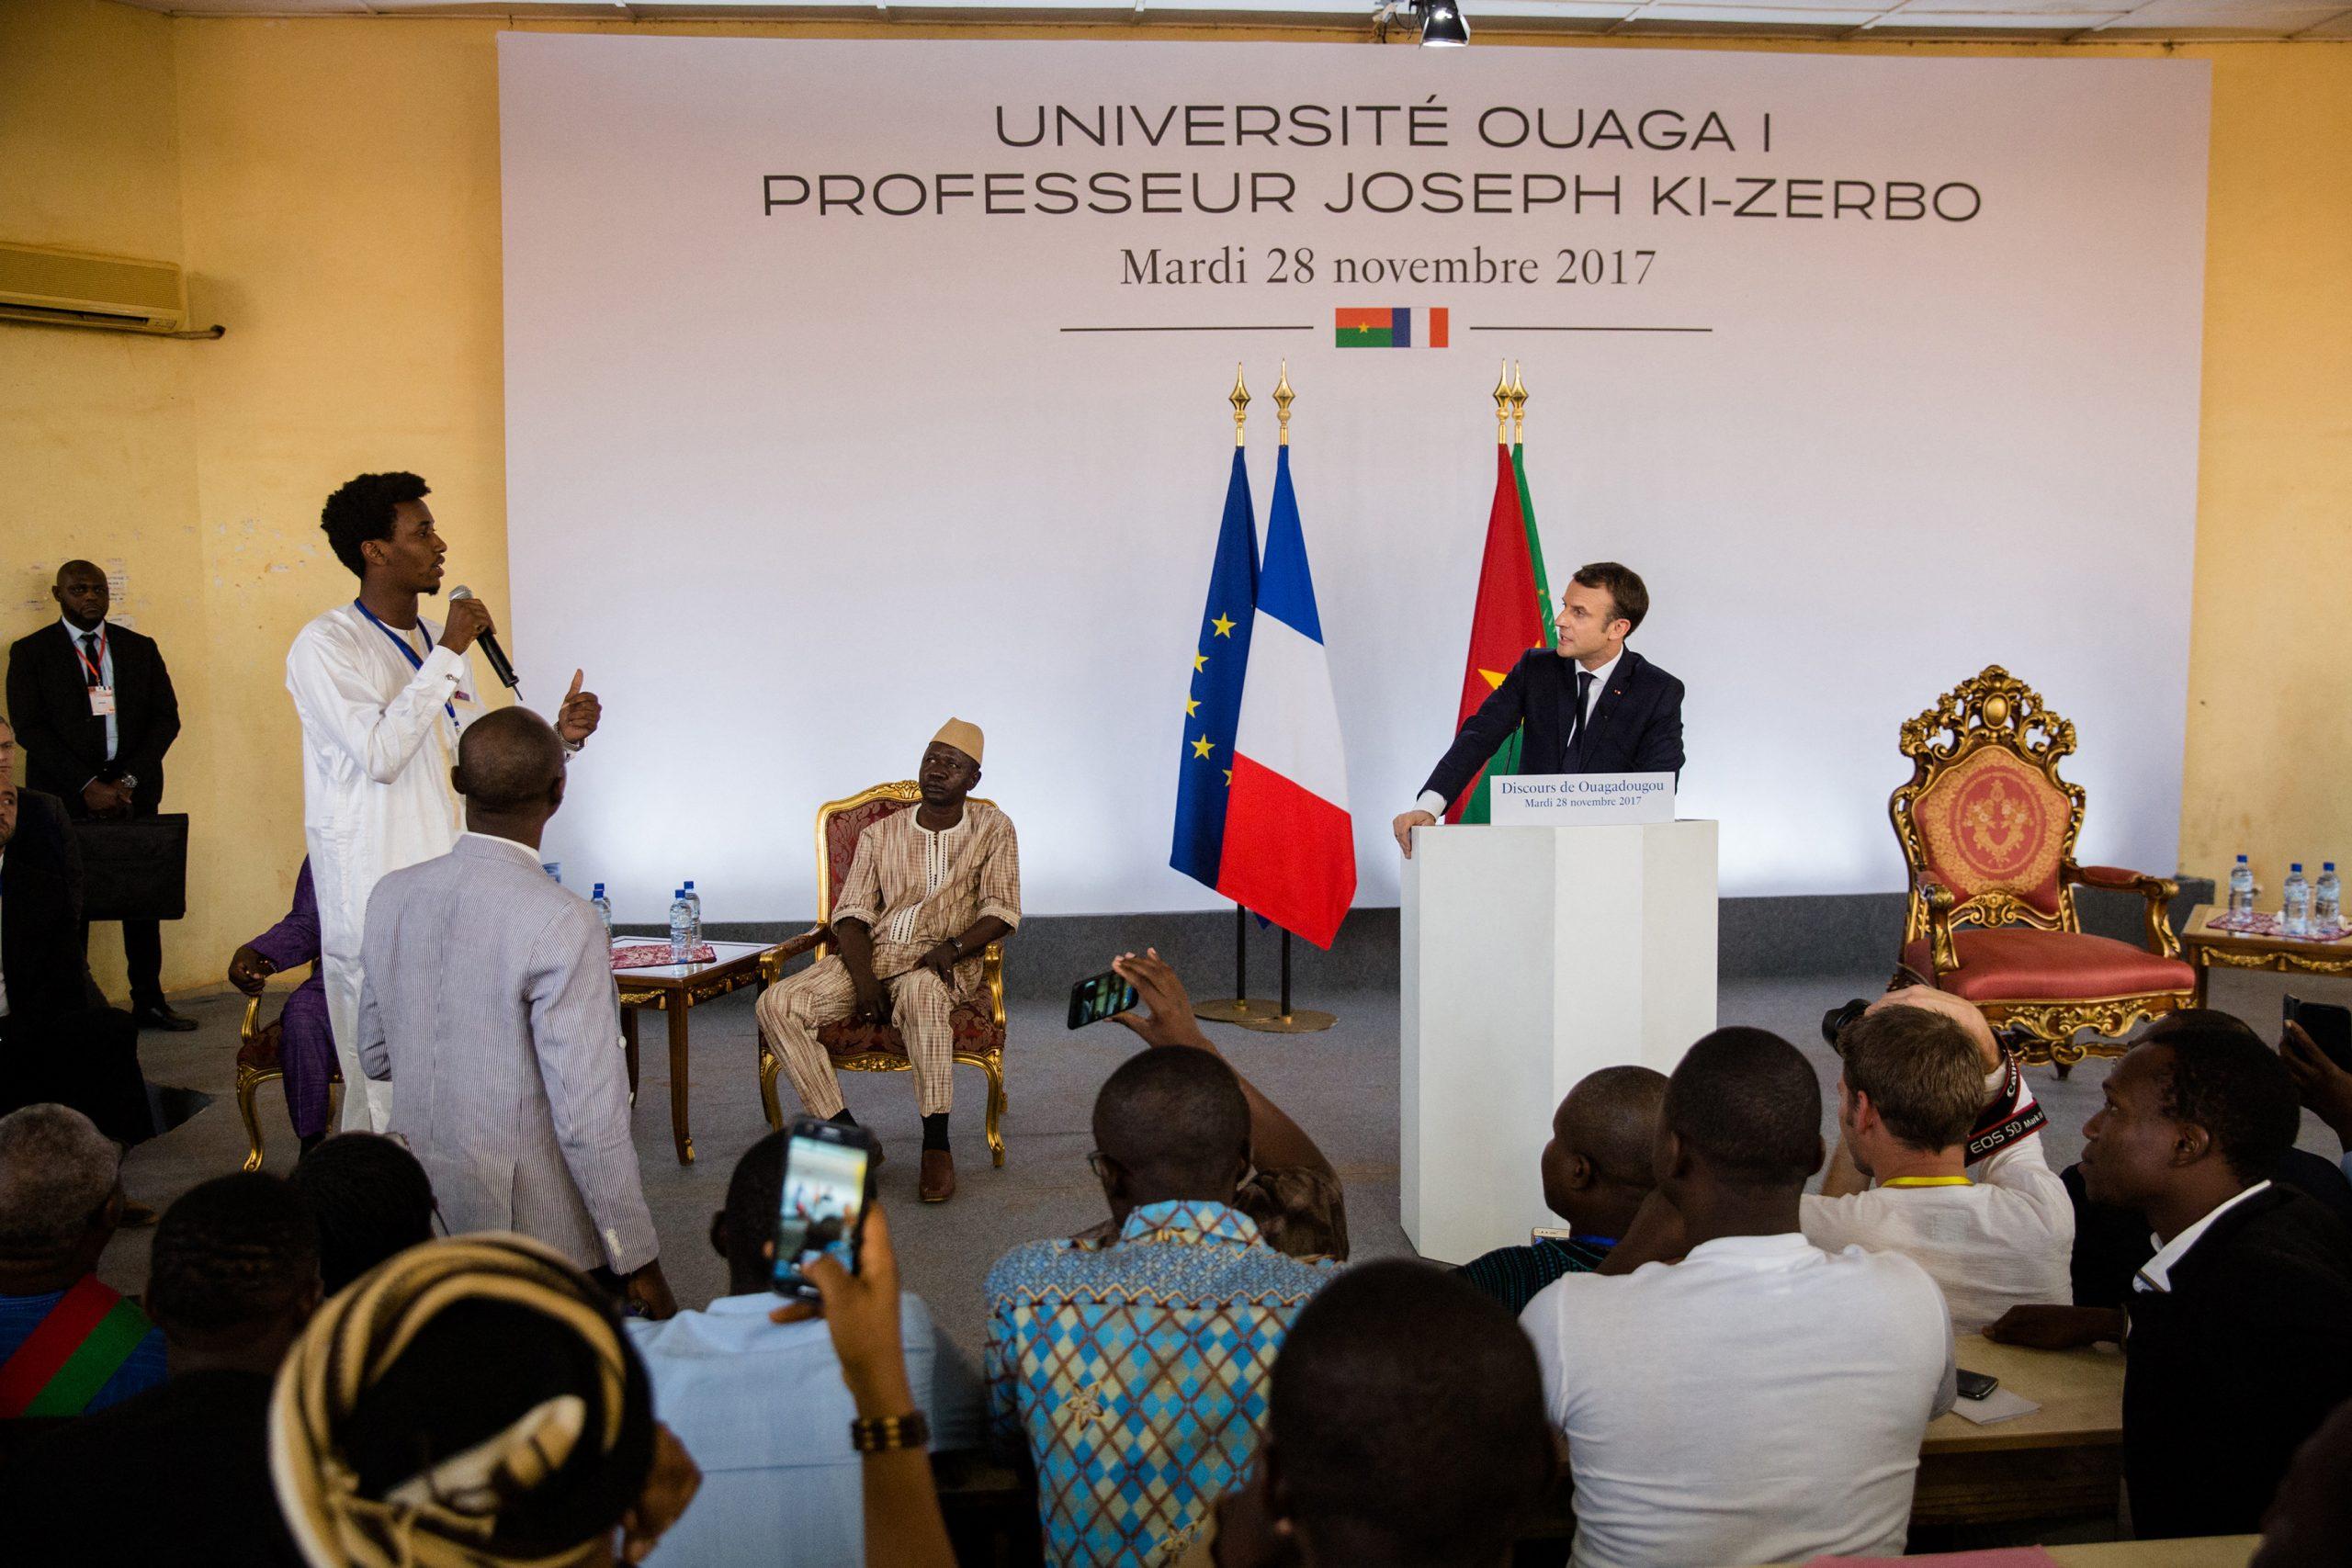 Emmanuel Macron à l'université de Ouagadougou, Burkina Faso, le 28 novembre 2017.